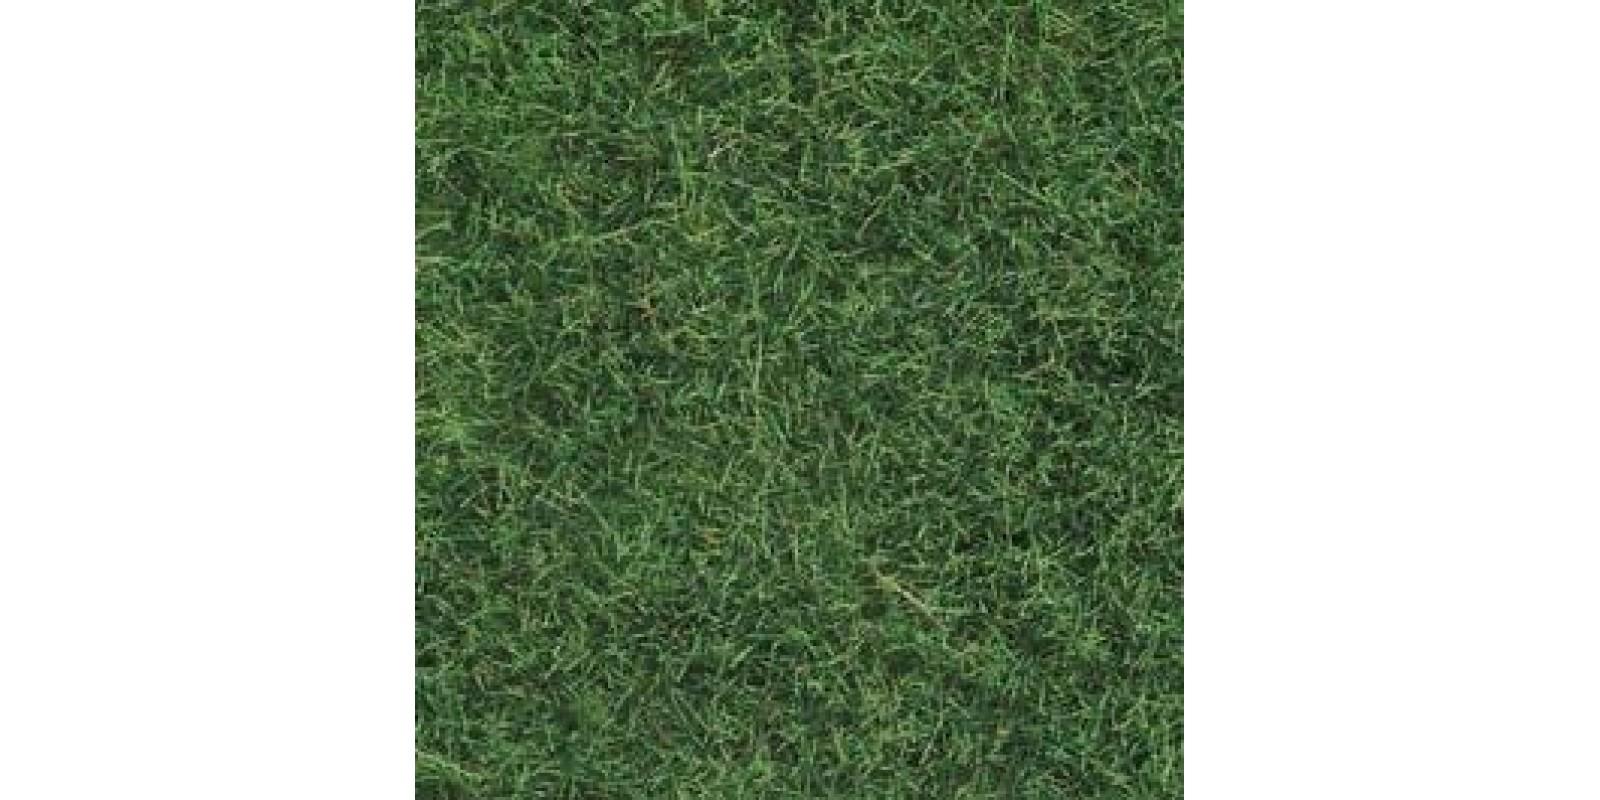 No07102 Wild Grass light green, 50 g